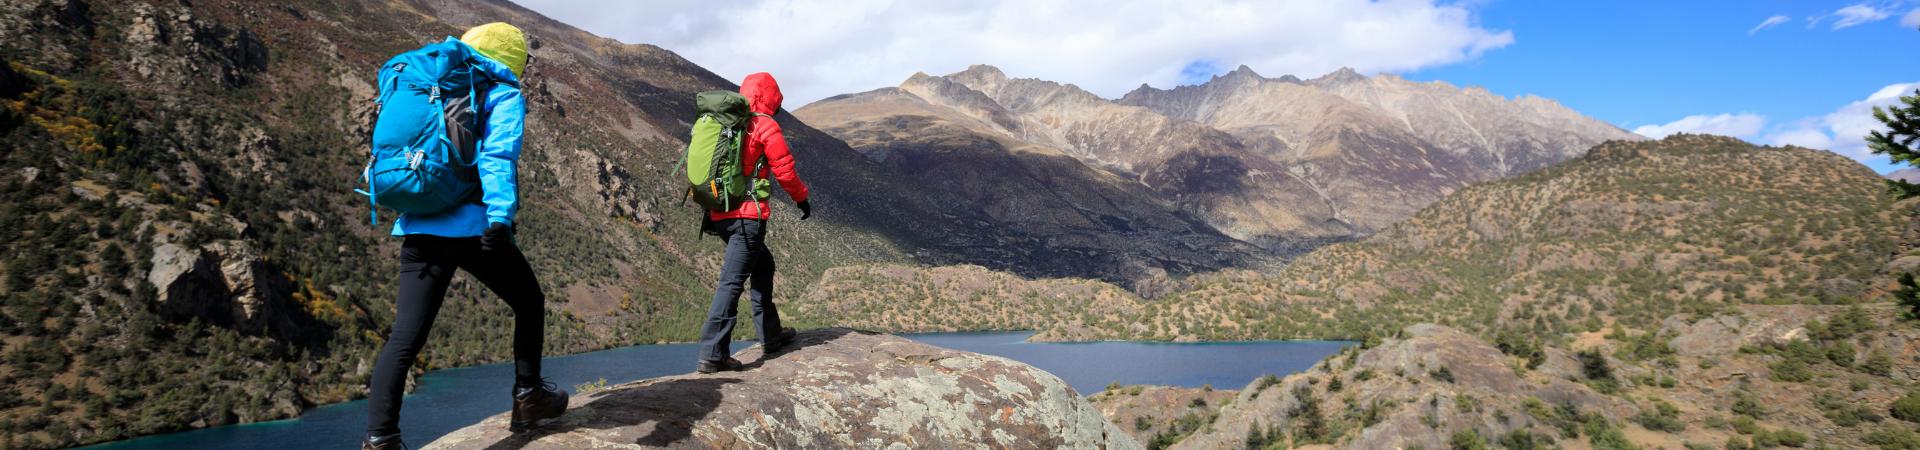 201911366 - Climb Your Mountain COACHES